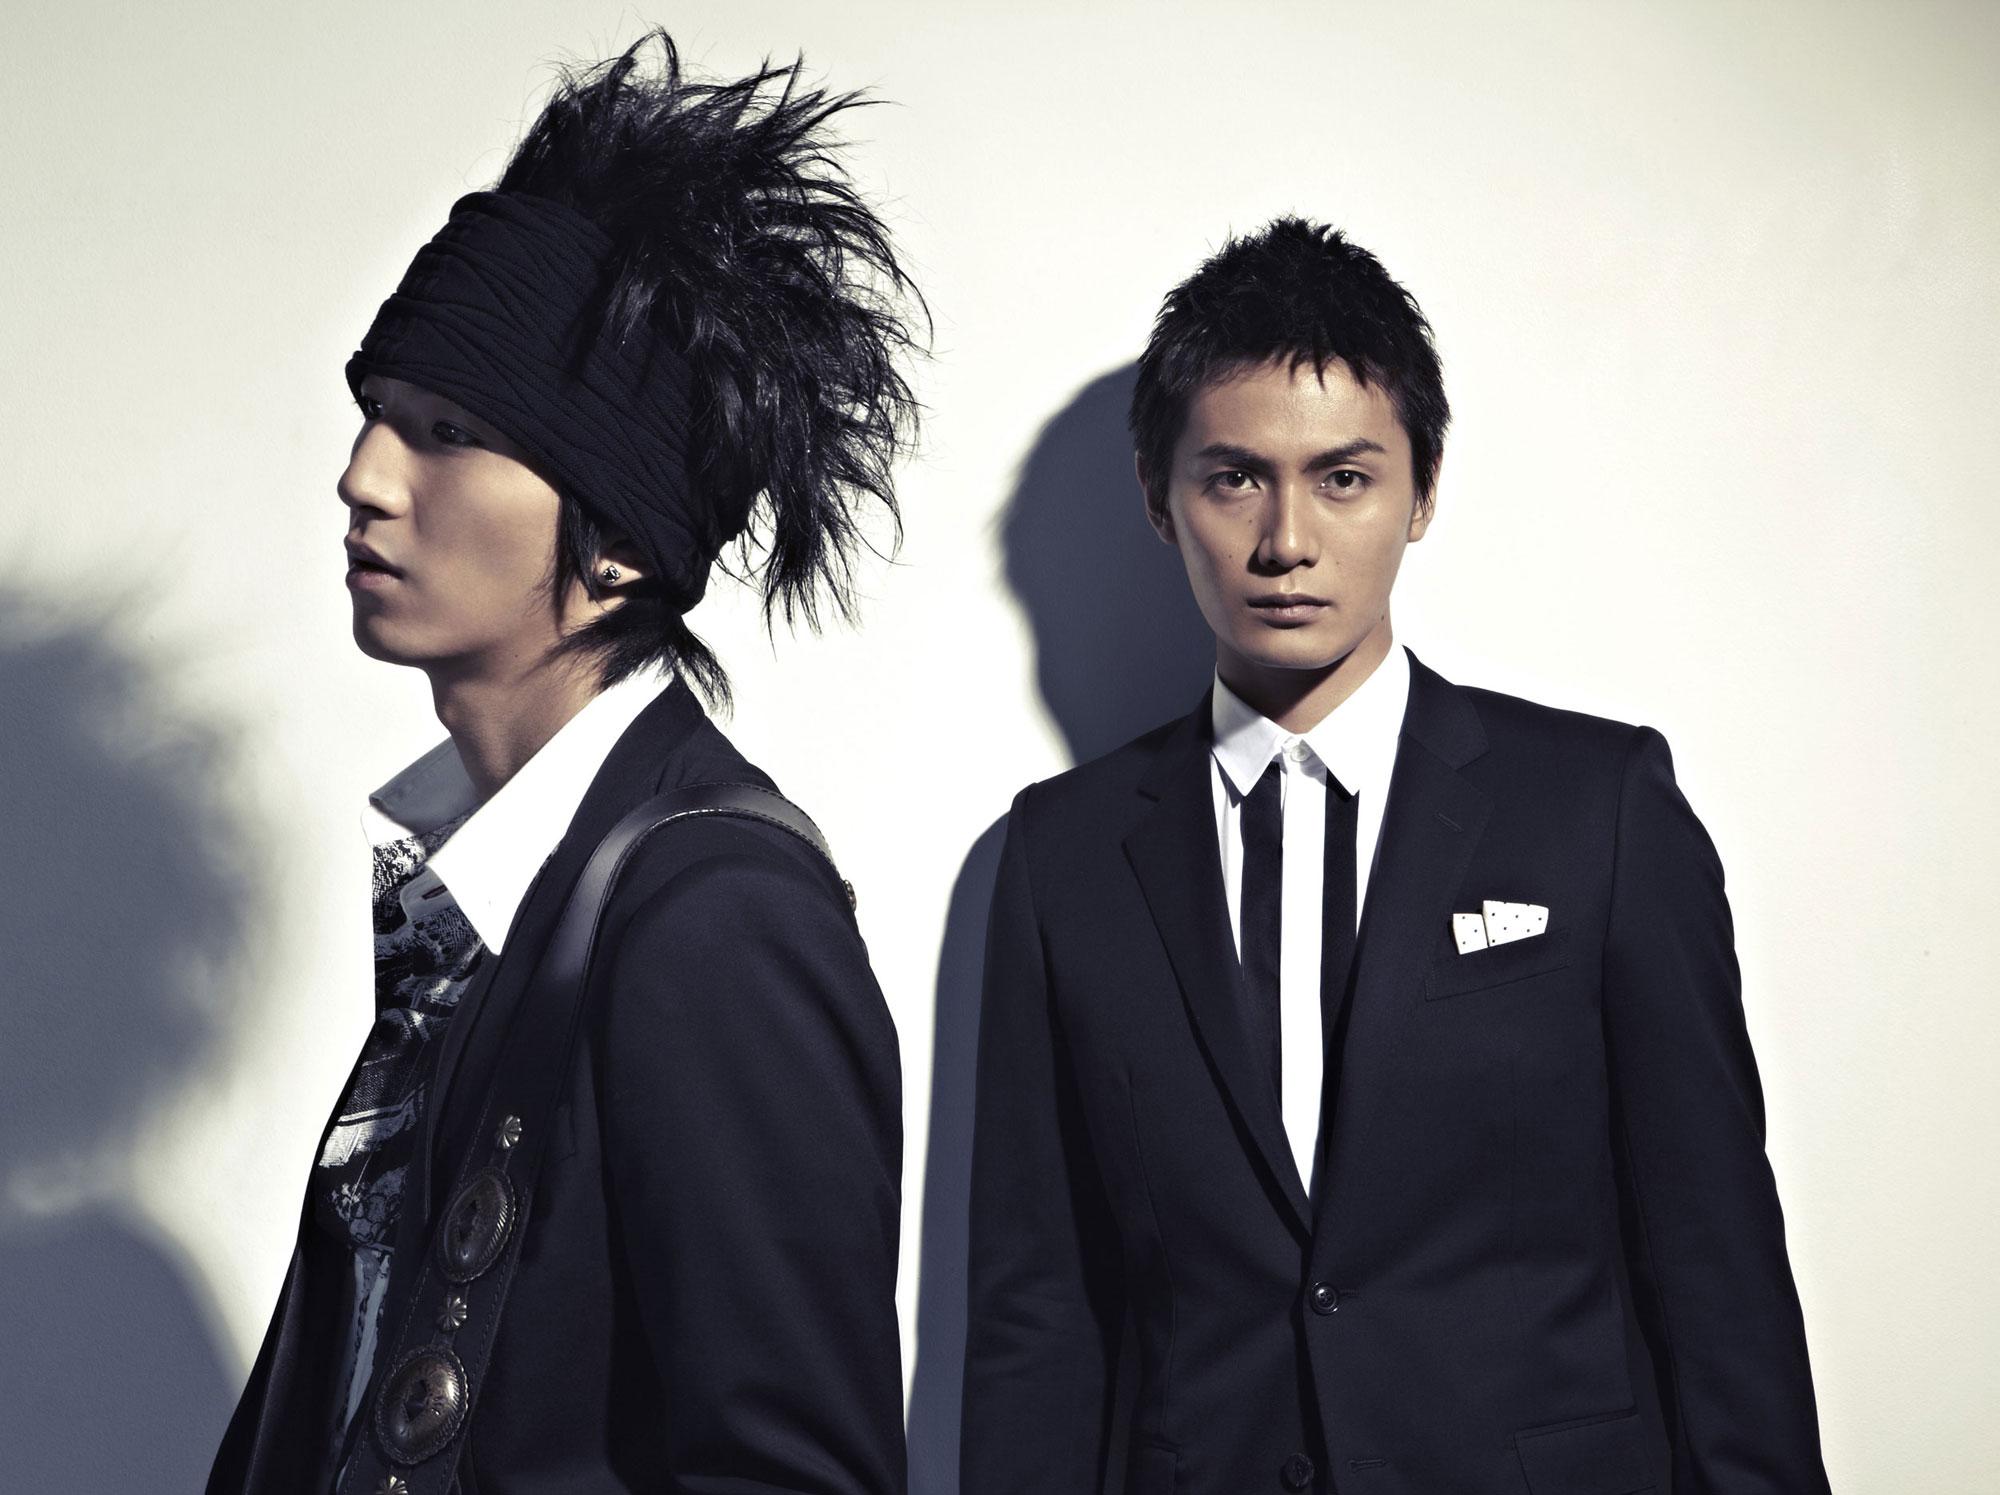 左:ギター・伊達幸志 右:ボーカル・加藤和樹